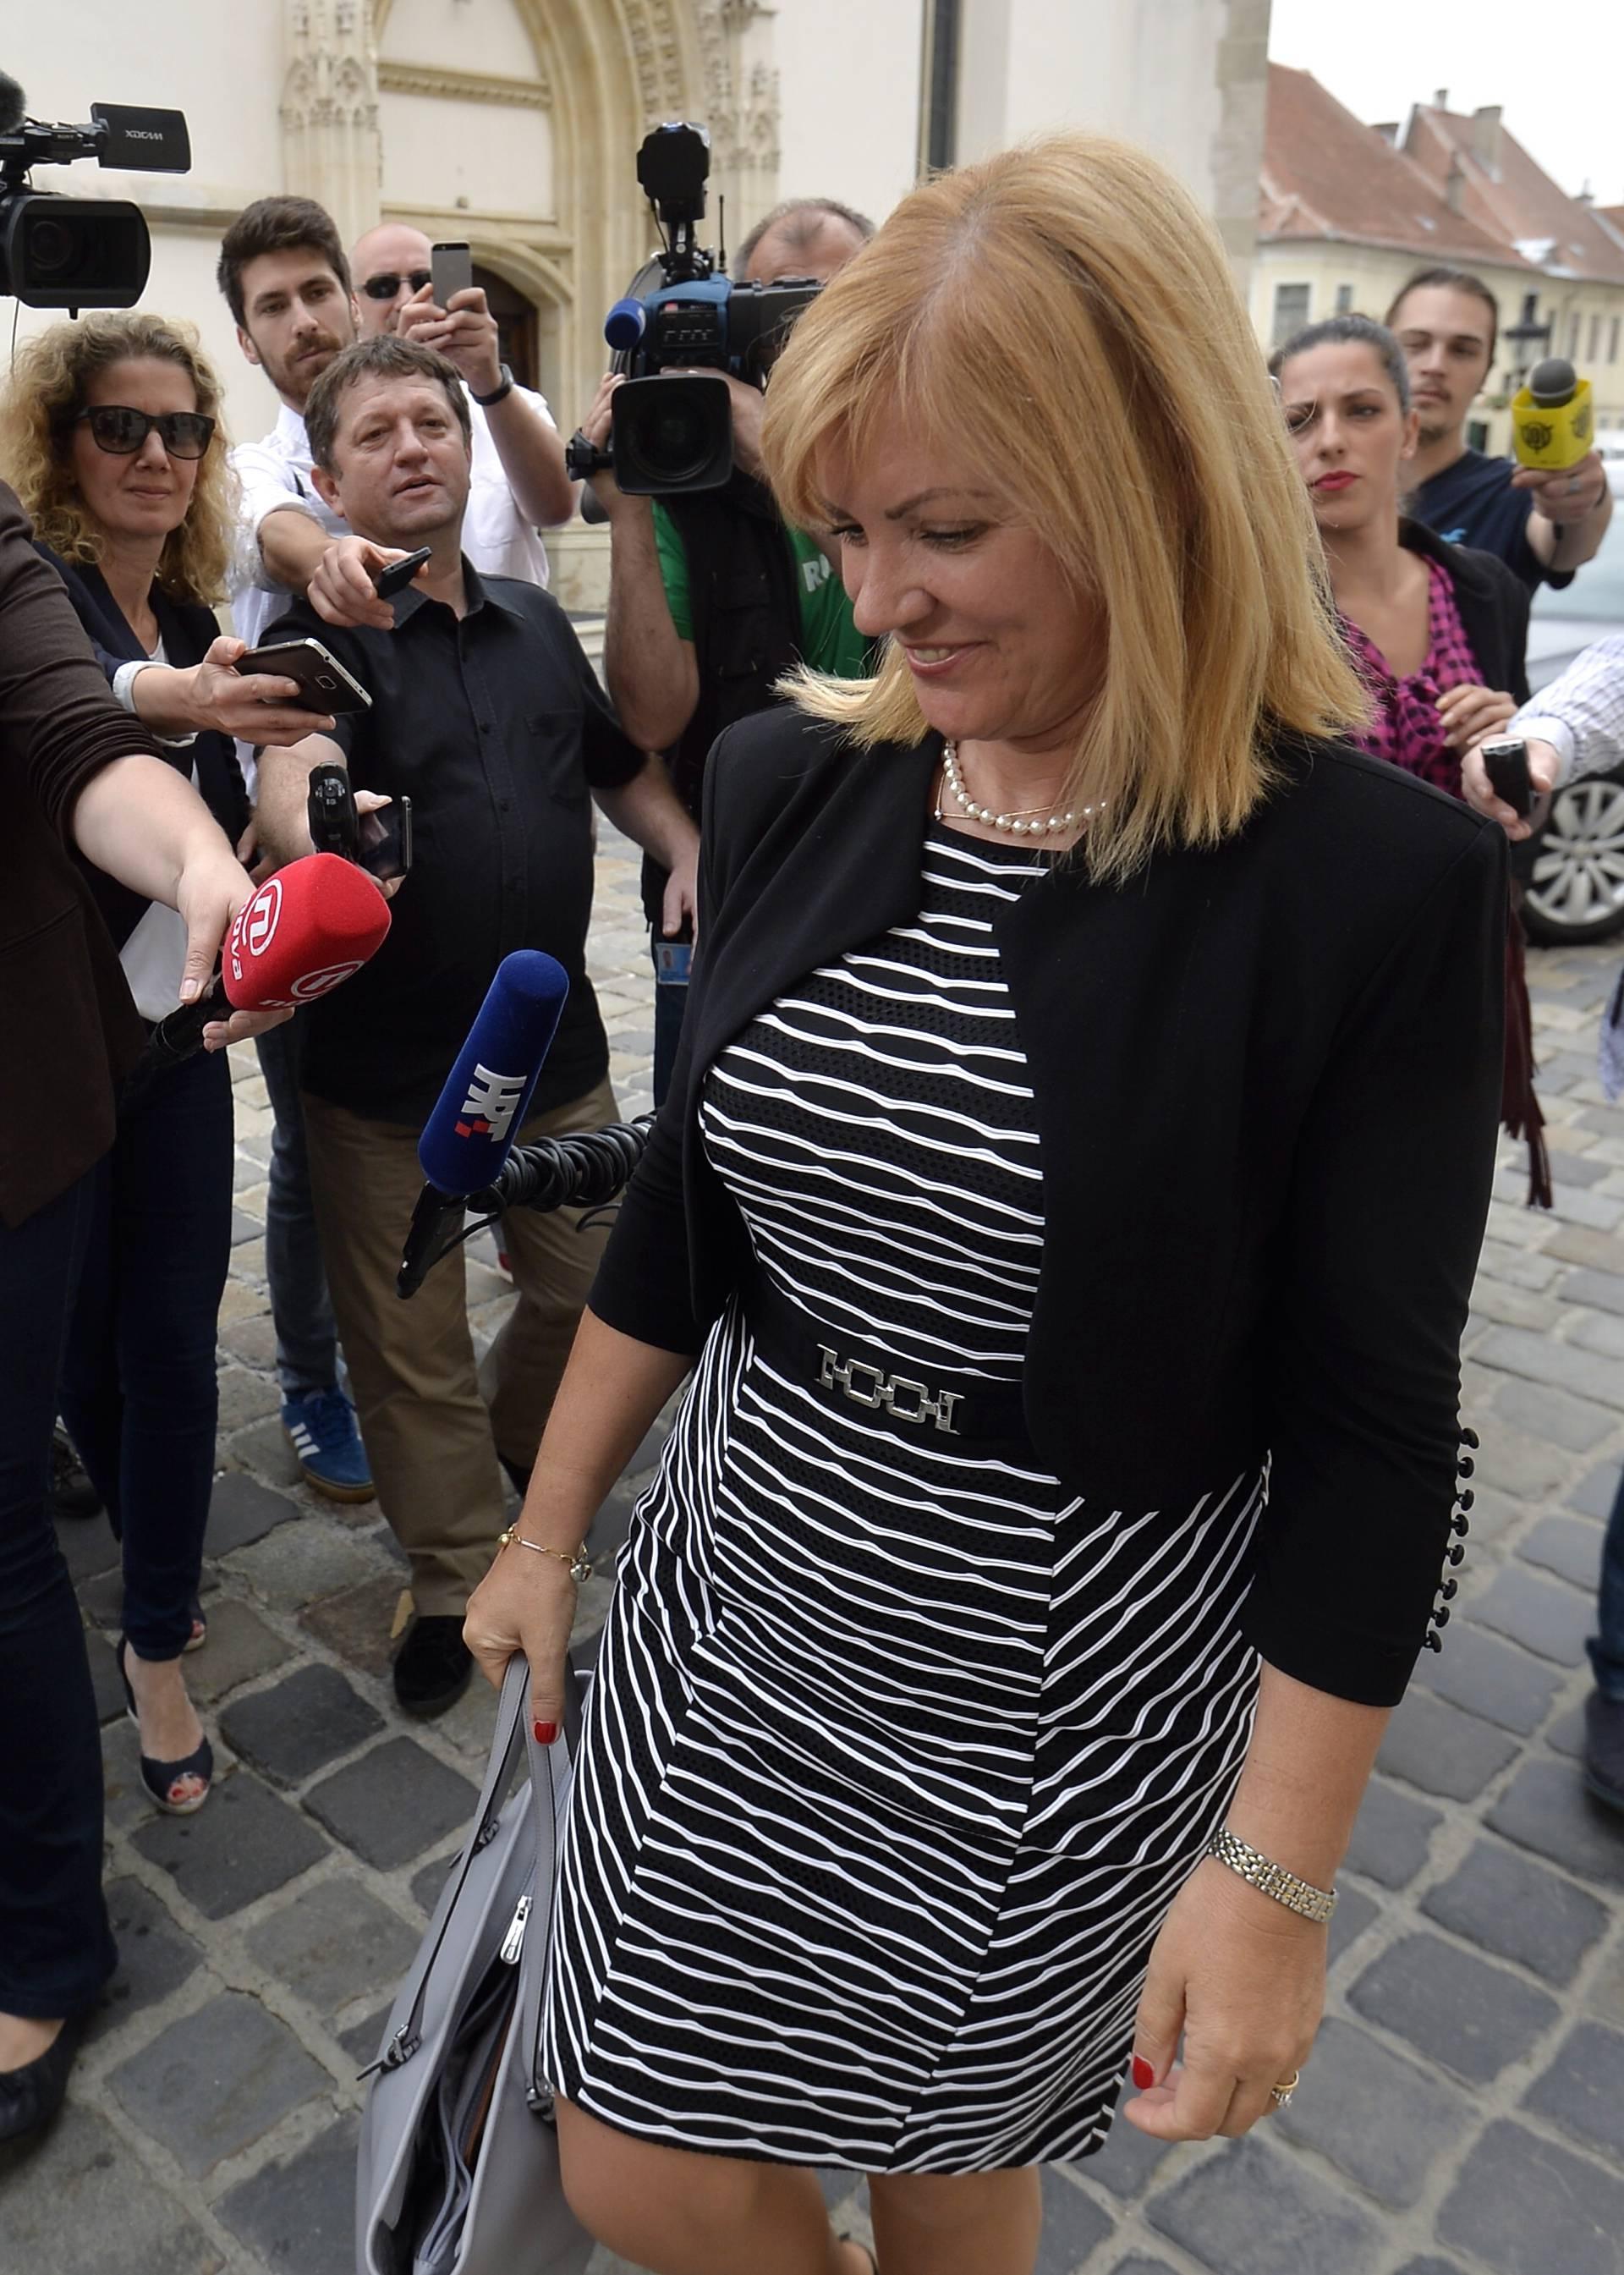 Ministrica Juretić je poljubila kolegu i poručila: 'Nek' crknu'